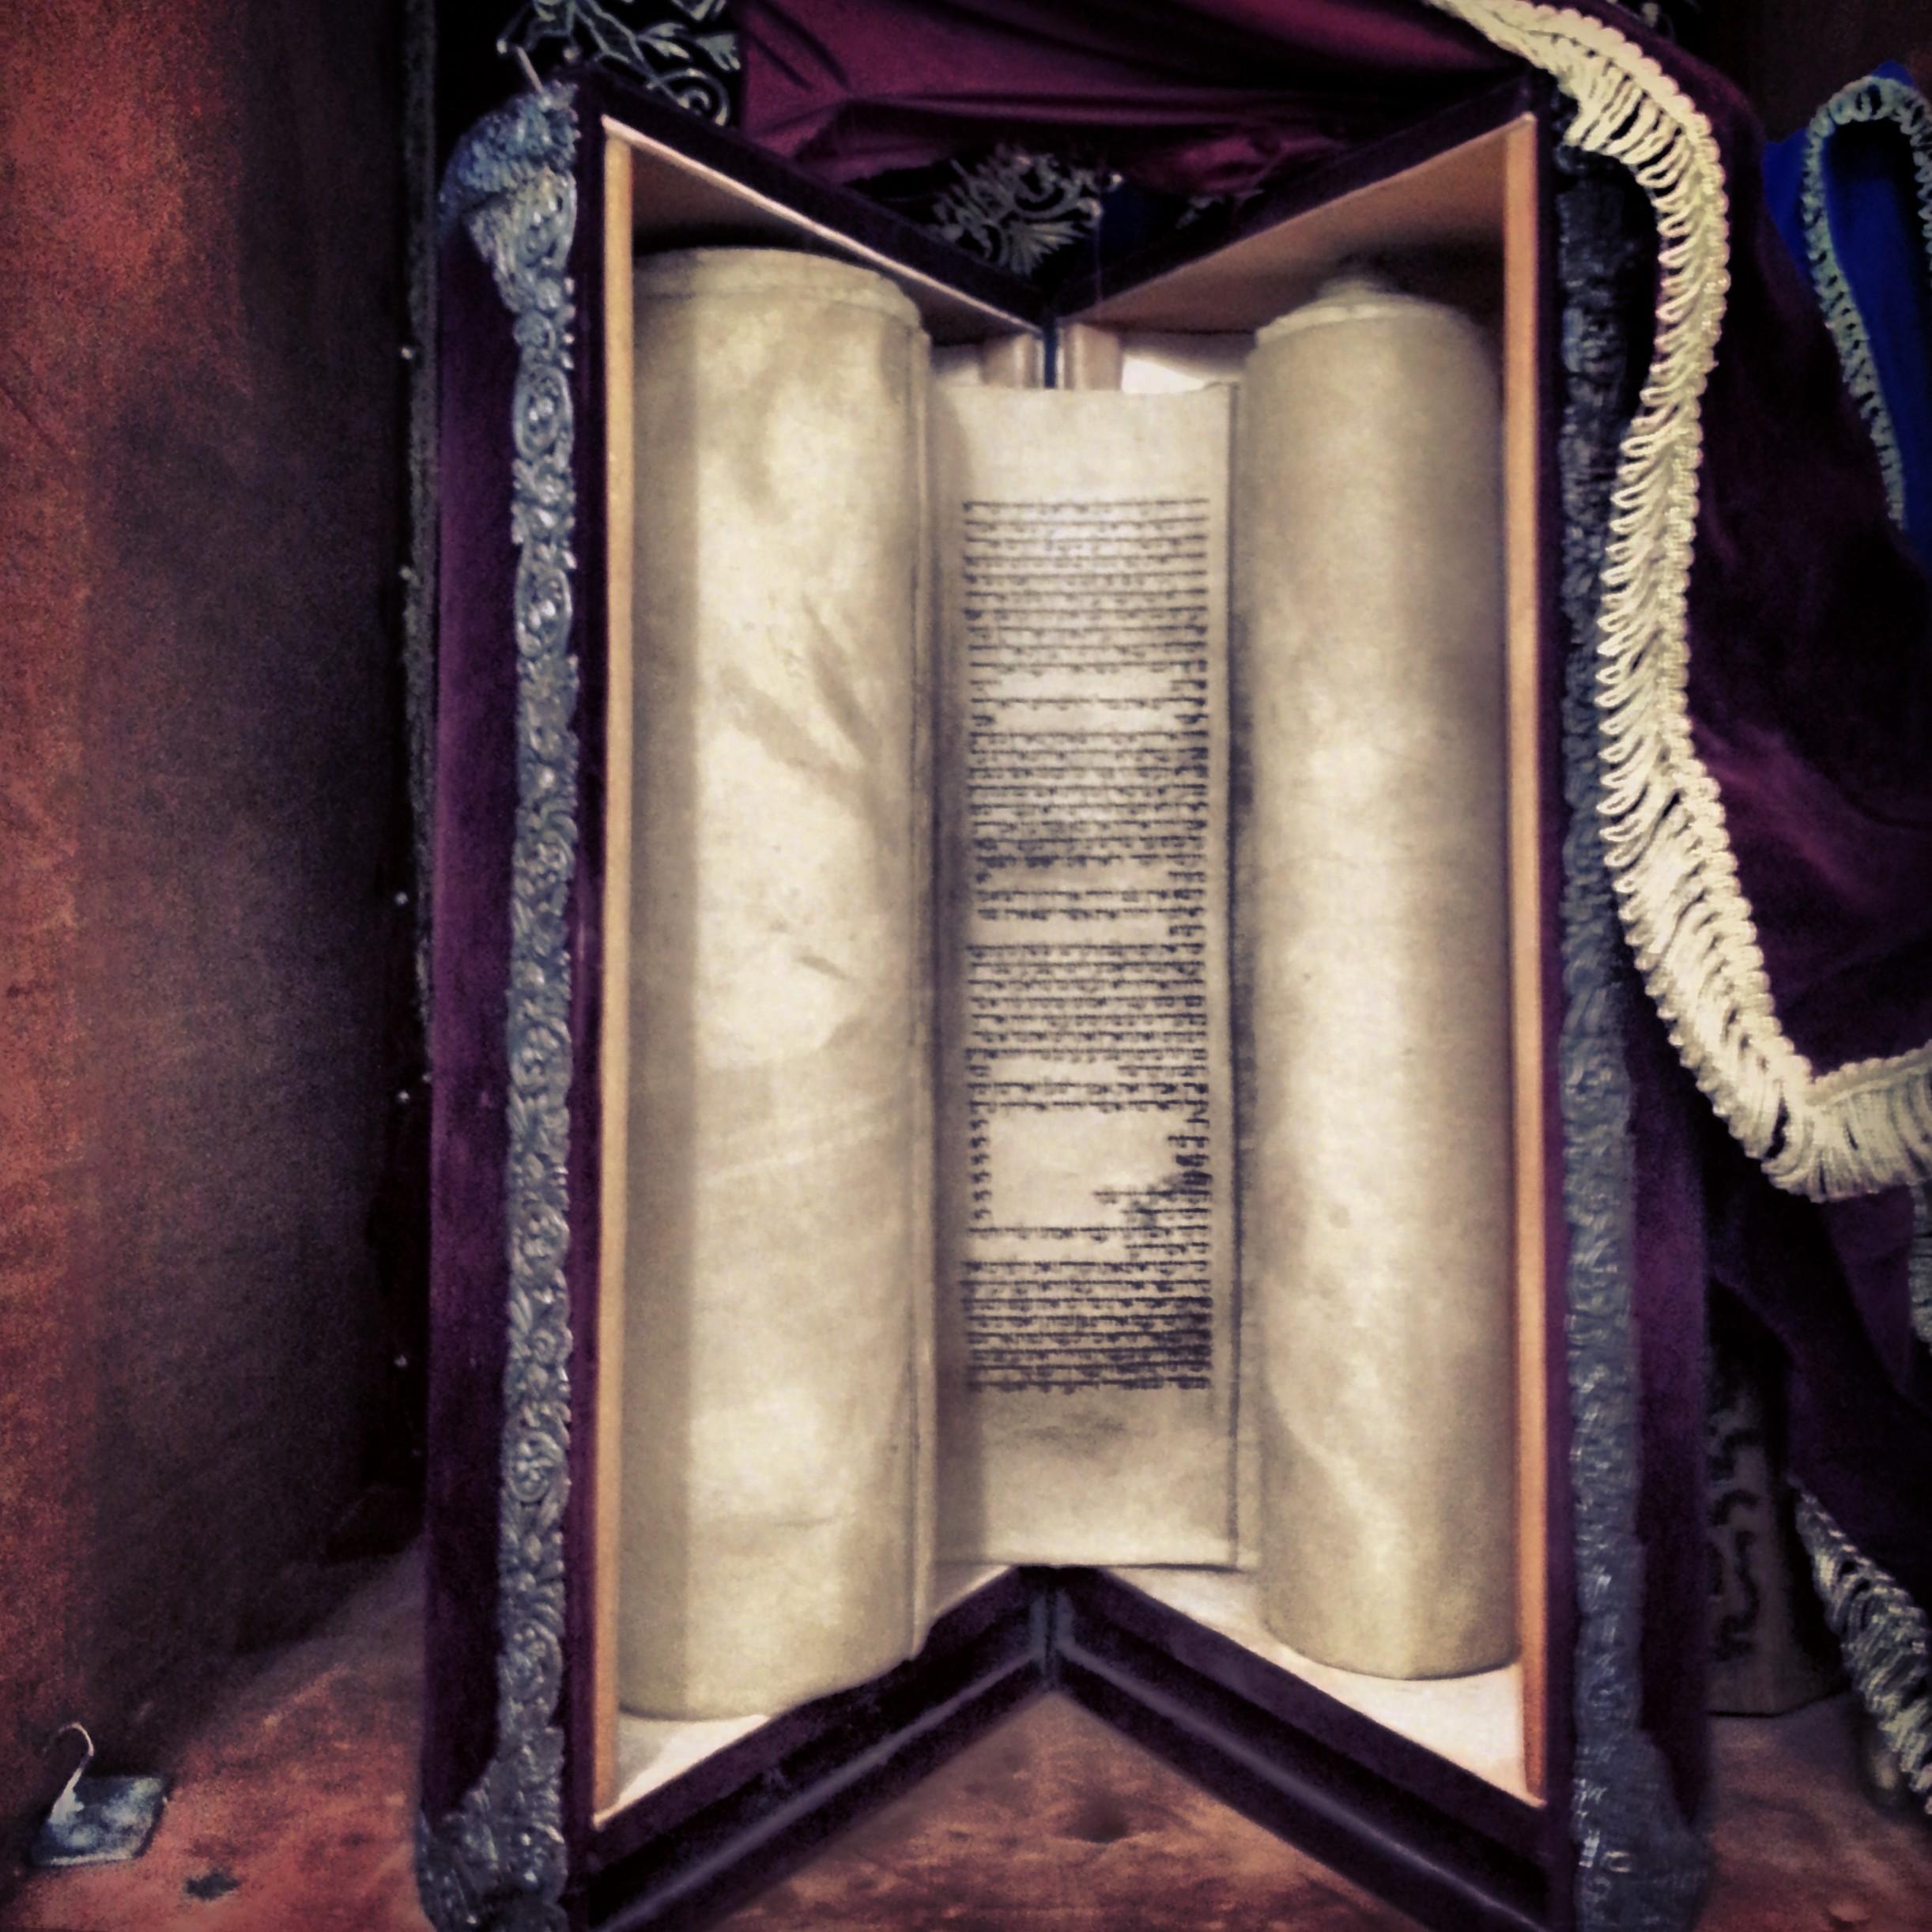 13th century Karaite Torah scroll